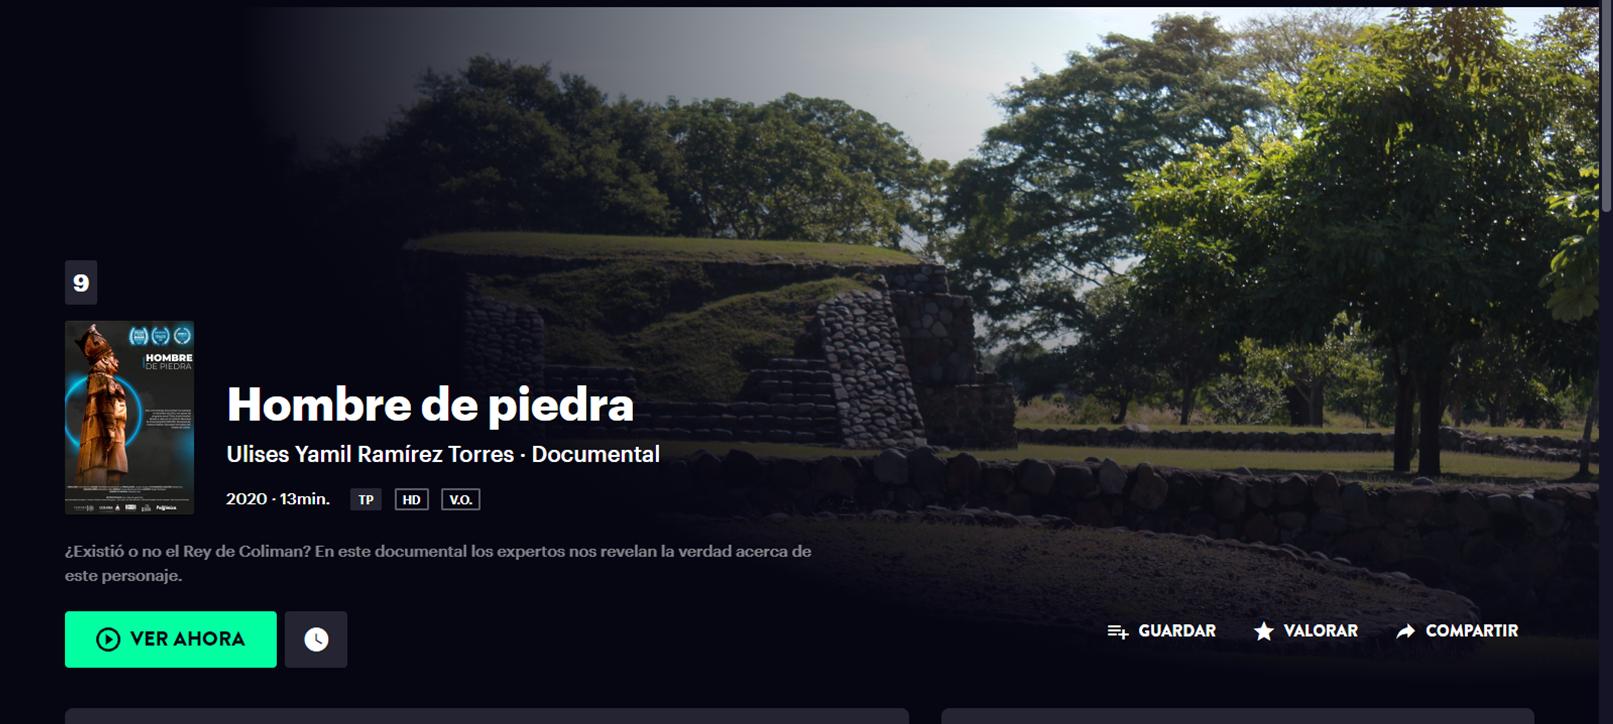 «Hombre de piedra» el documental sobre el Rey Colimán ya está disponible